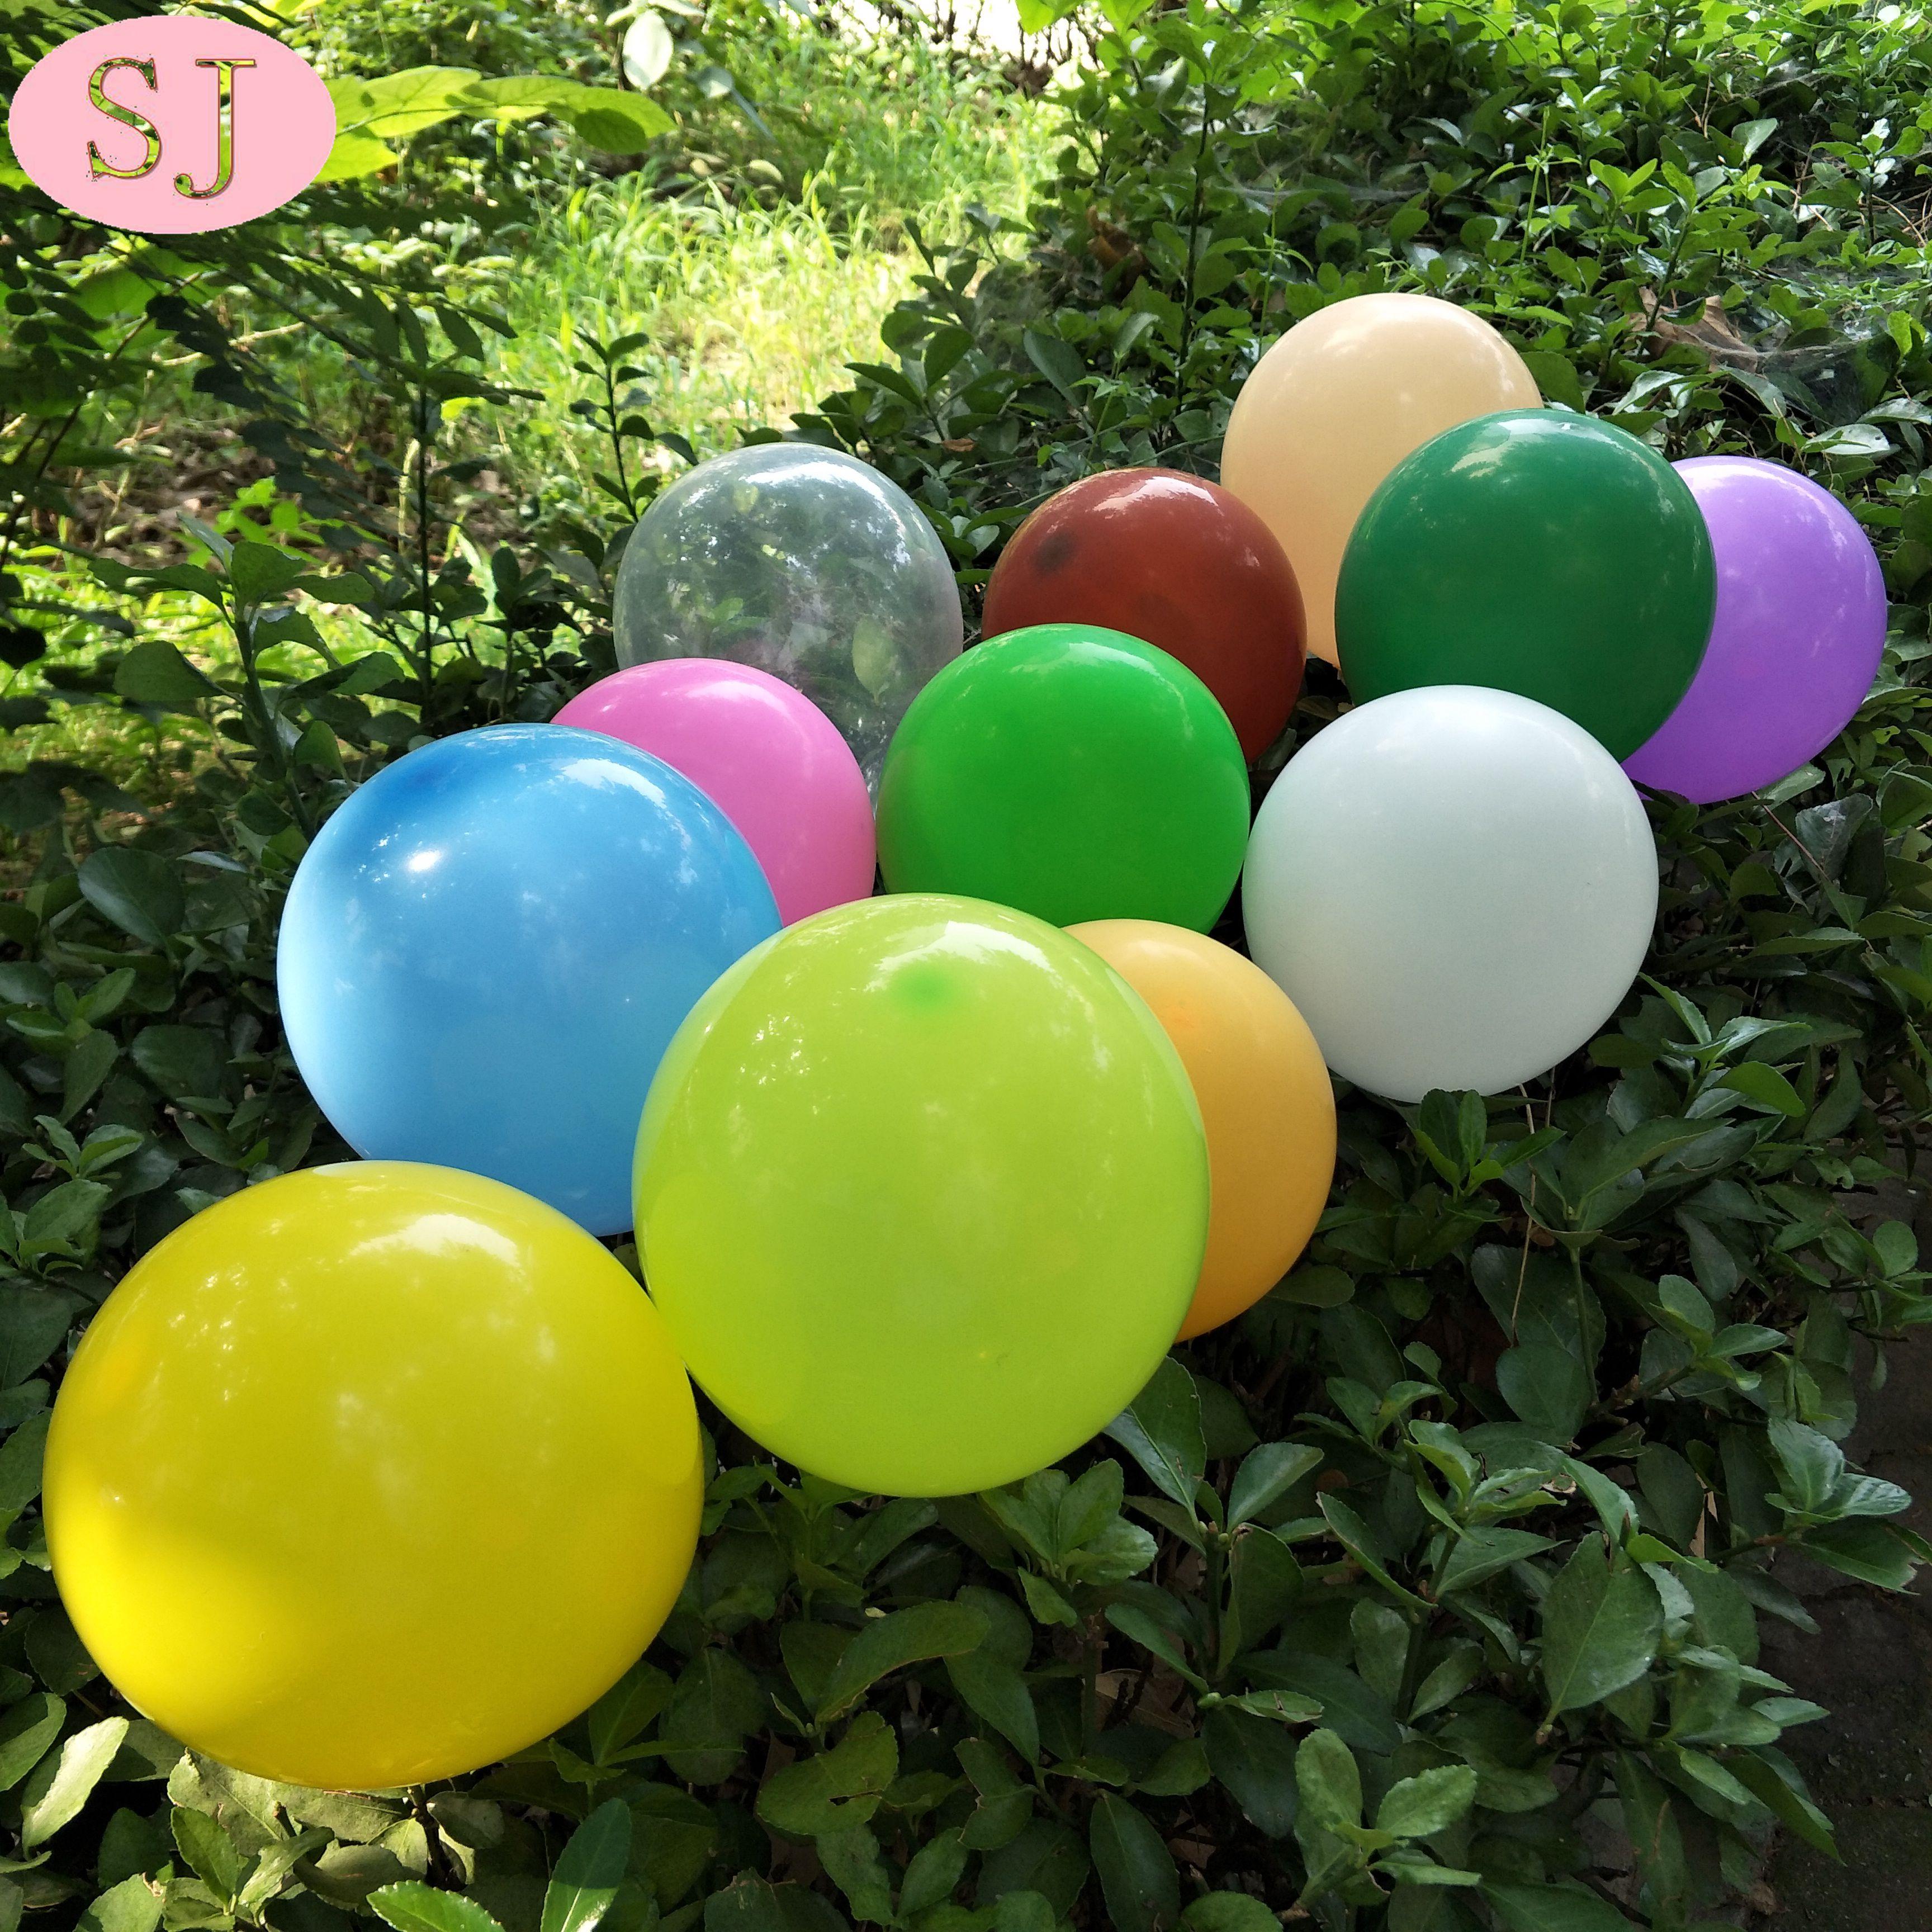 воздушные шары разных цветов фото бендюк